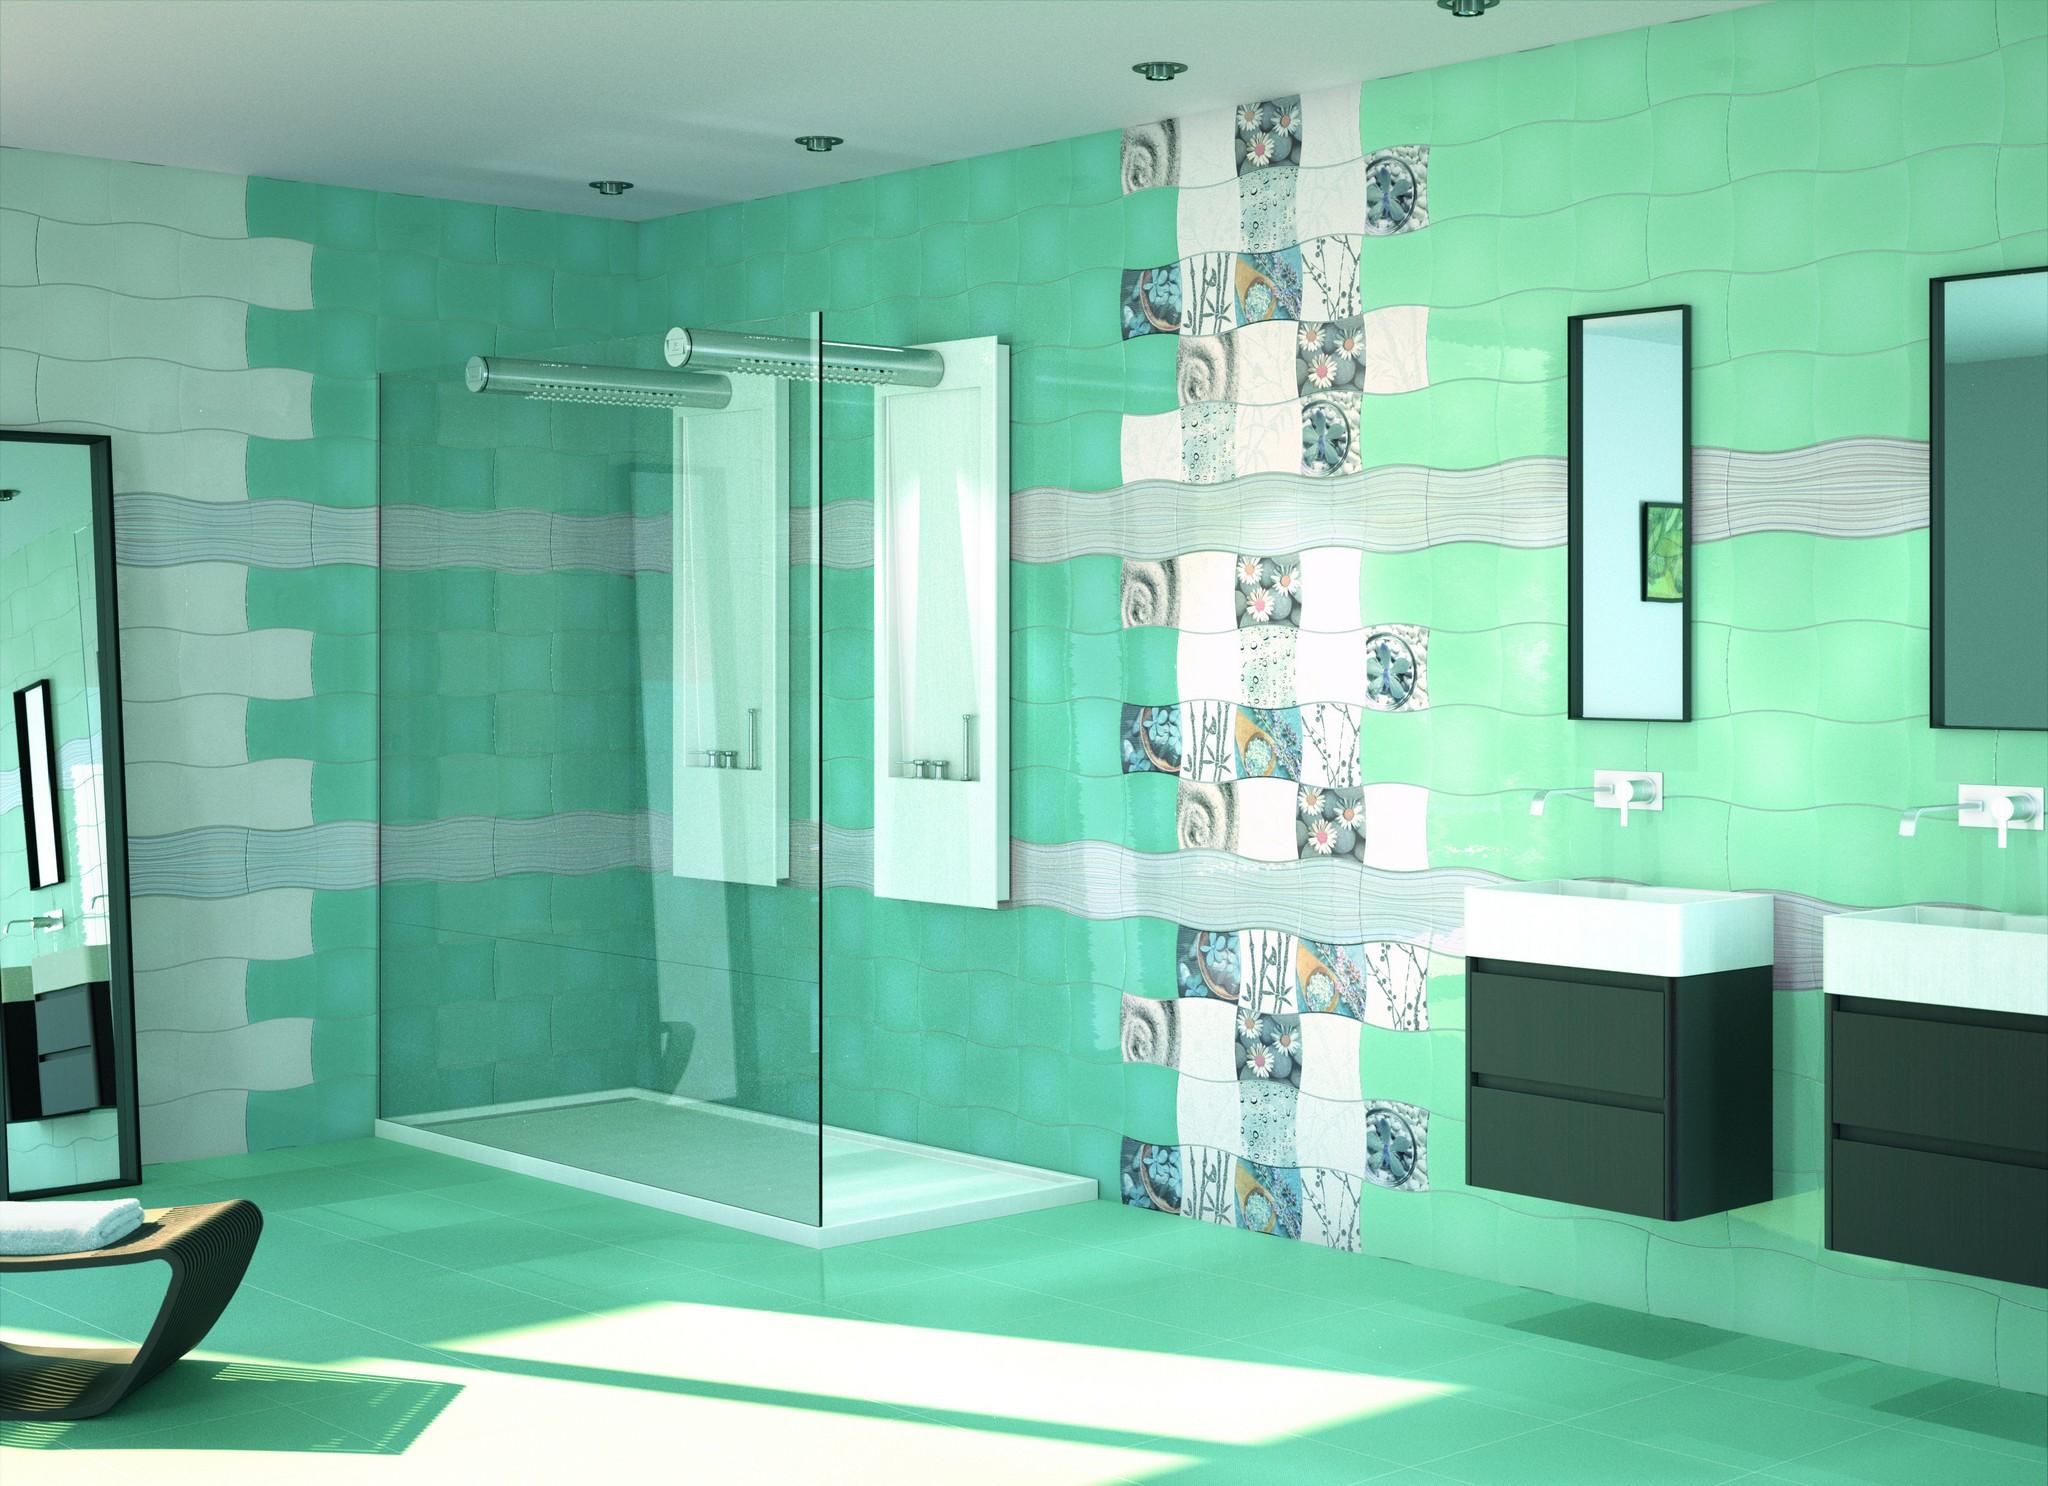 turquoise tiles in the bathroom desktop wallpapers 1400x1050